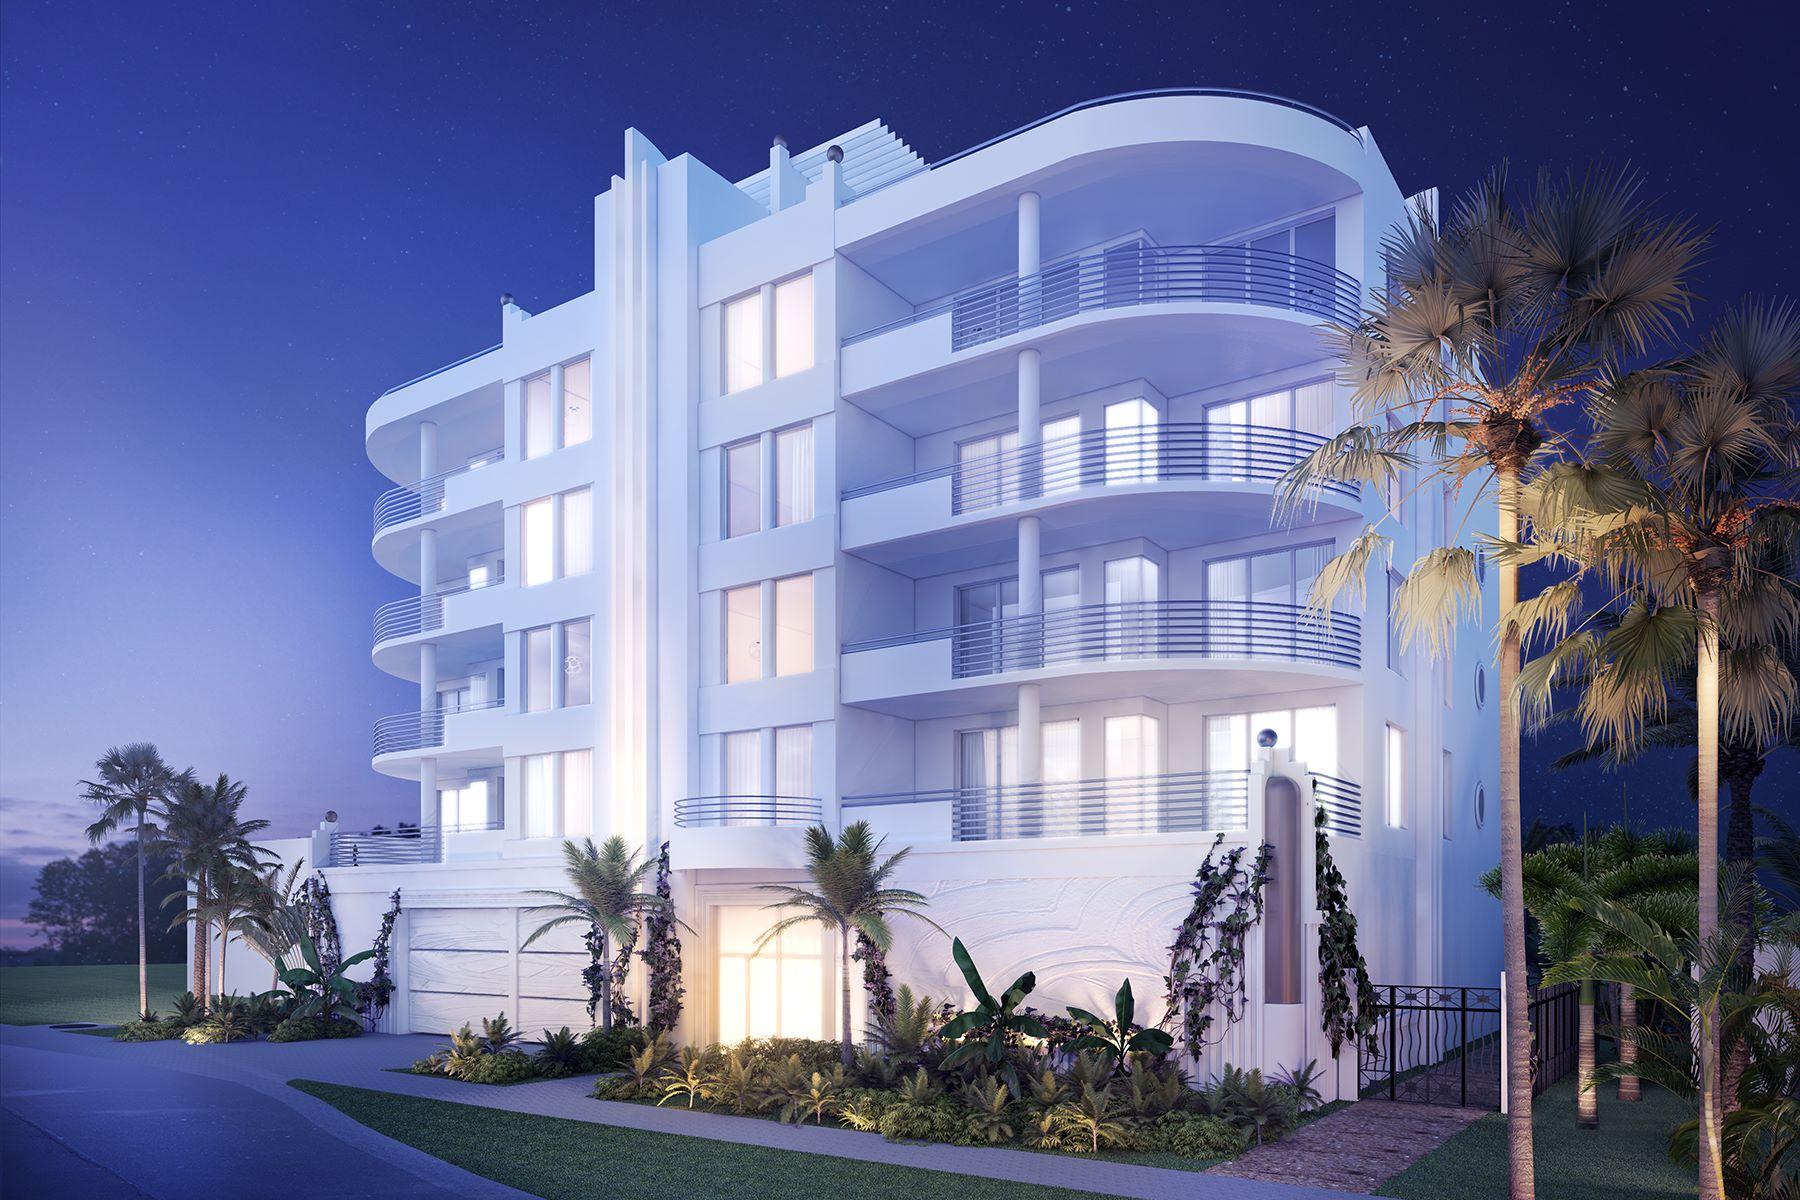 Condominium for Sale at 609 Golden Gate Pt , North 502, Sarasota, FL 34236 609 Golden Gate Pt North 502, Sarasota, Florida 34236 United States